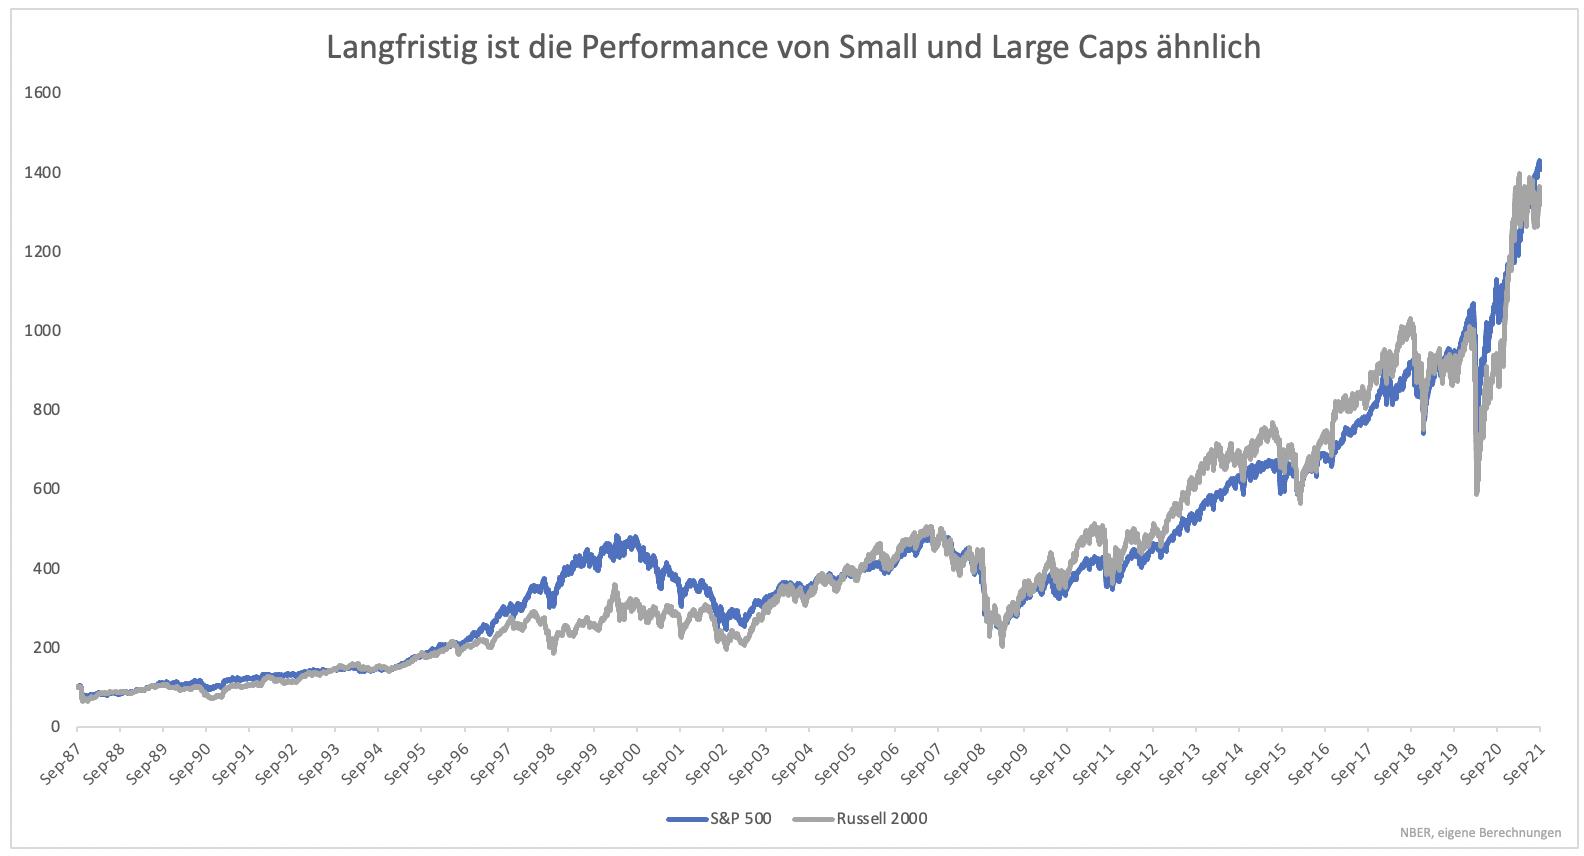 Gibt-es-noch-Schnäppchen-am-Aktienmarkt-Kommentar-Clemens-Schmale-GodmodeTrader.de-3